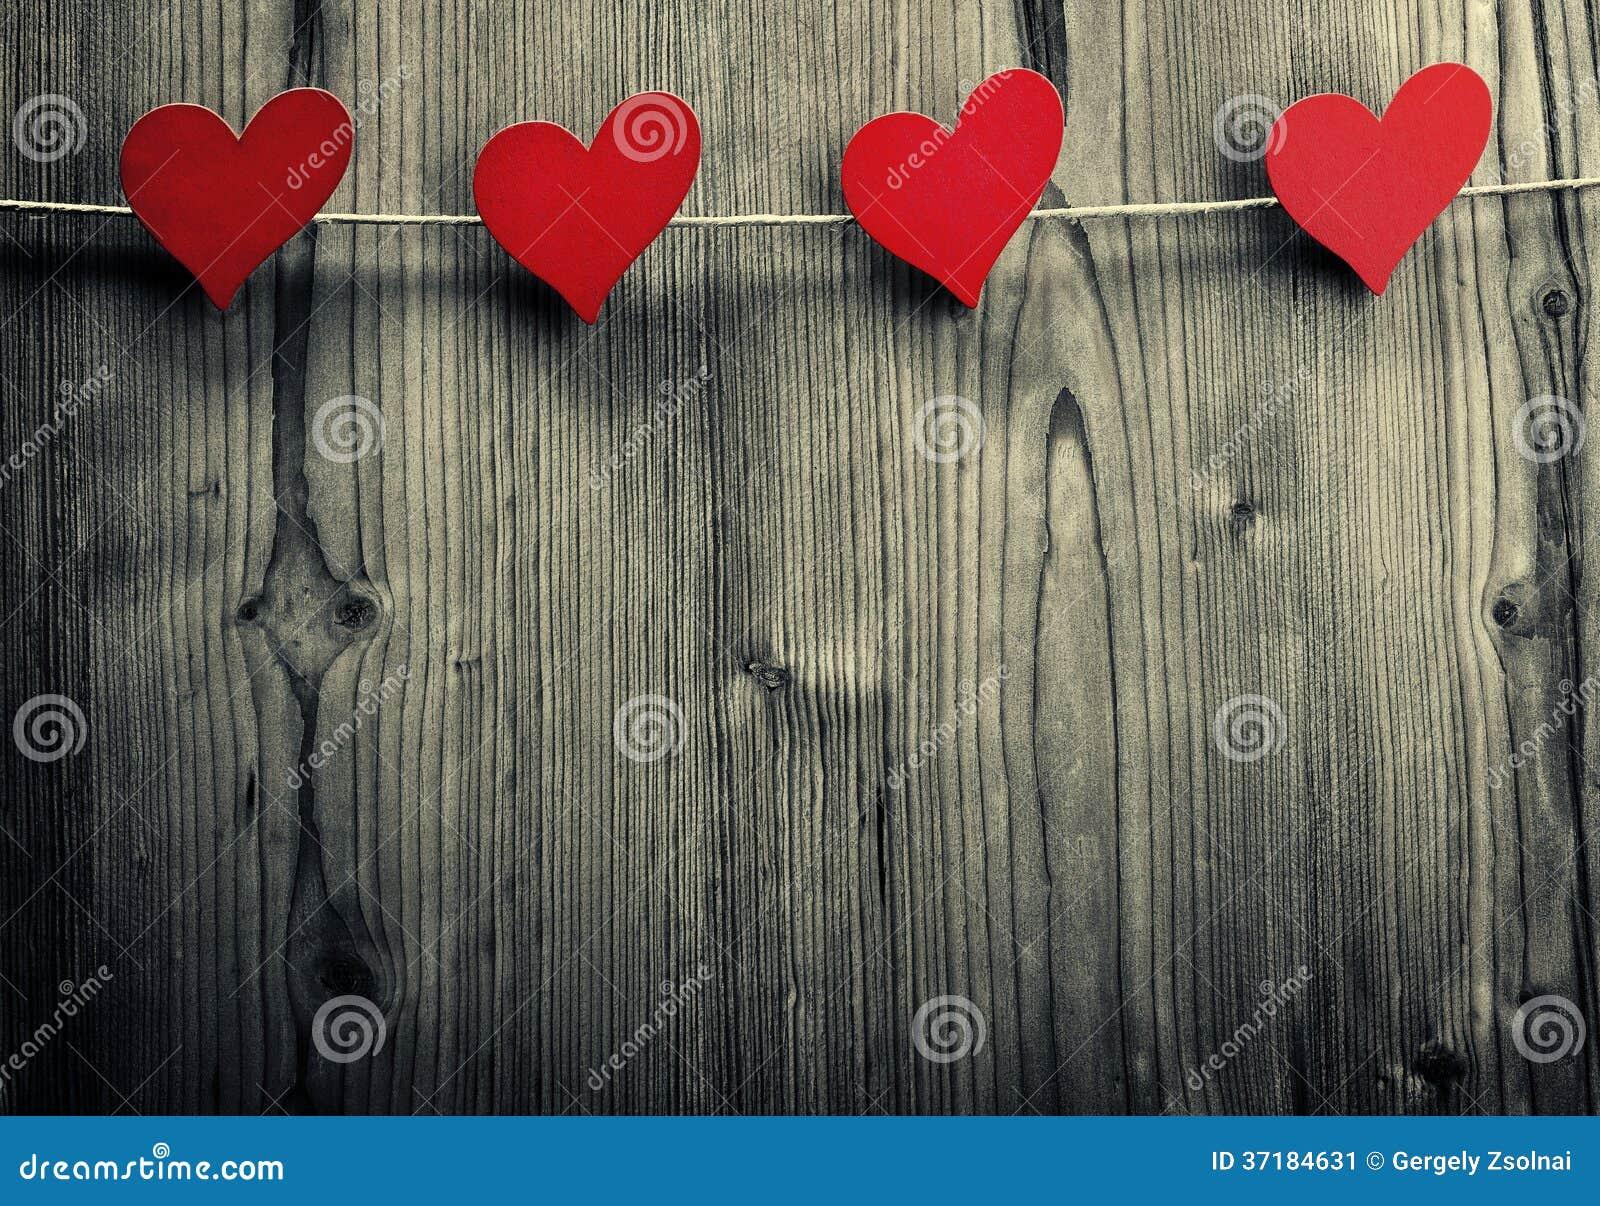 心形的夹子在绳索,情人节,爱墙纸垂悬